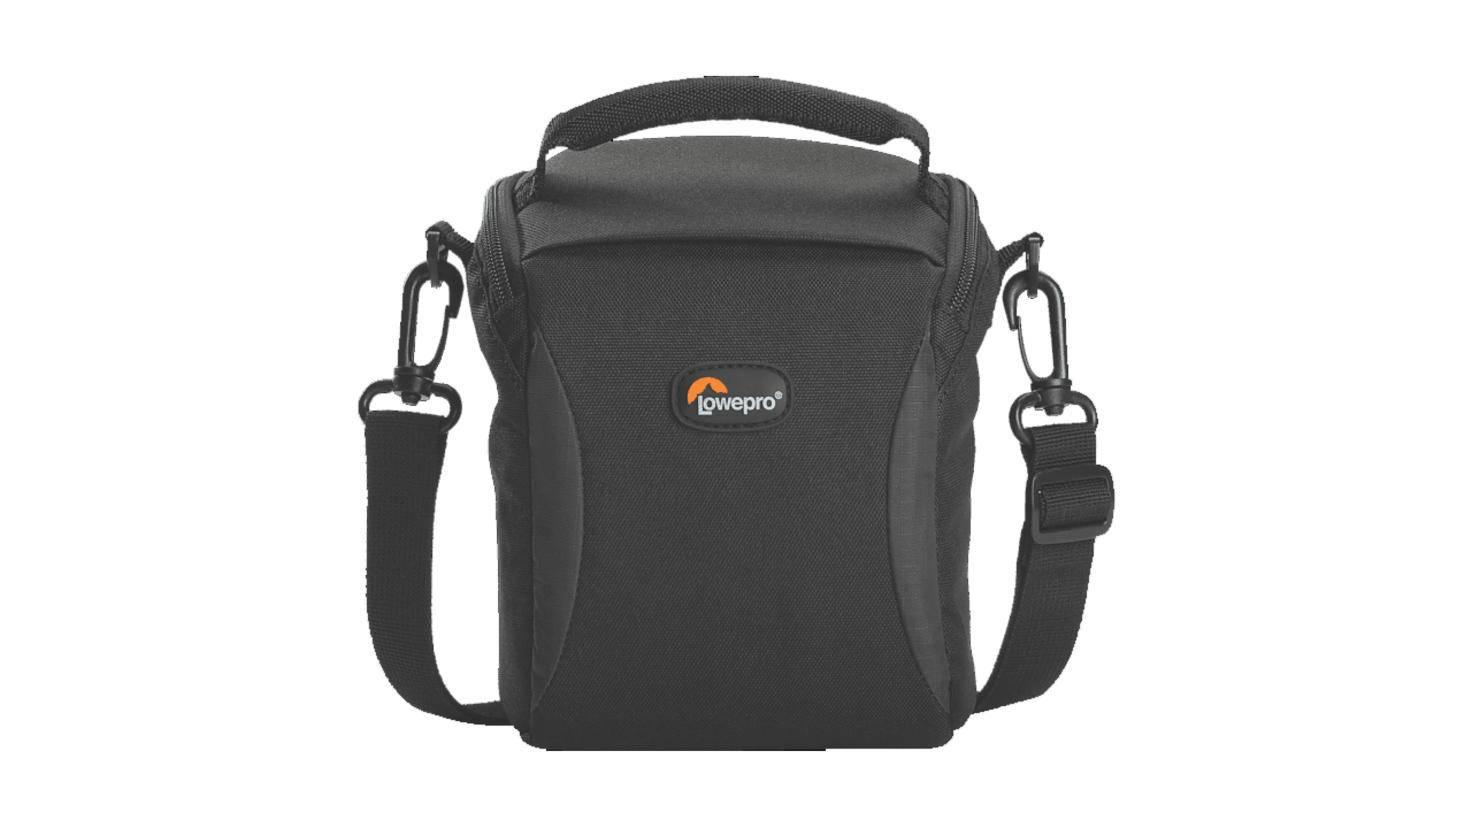 Die Lowepro-Tasche bietet Platz für eine DSLR mit aufgestecktem Objektiv ...